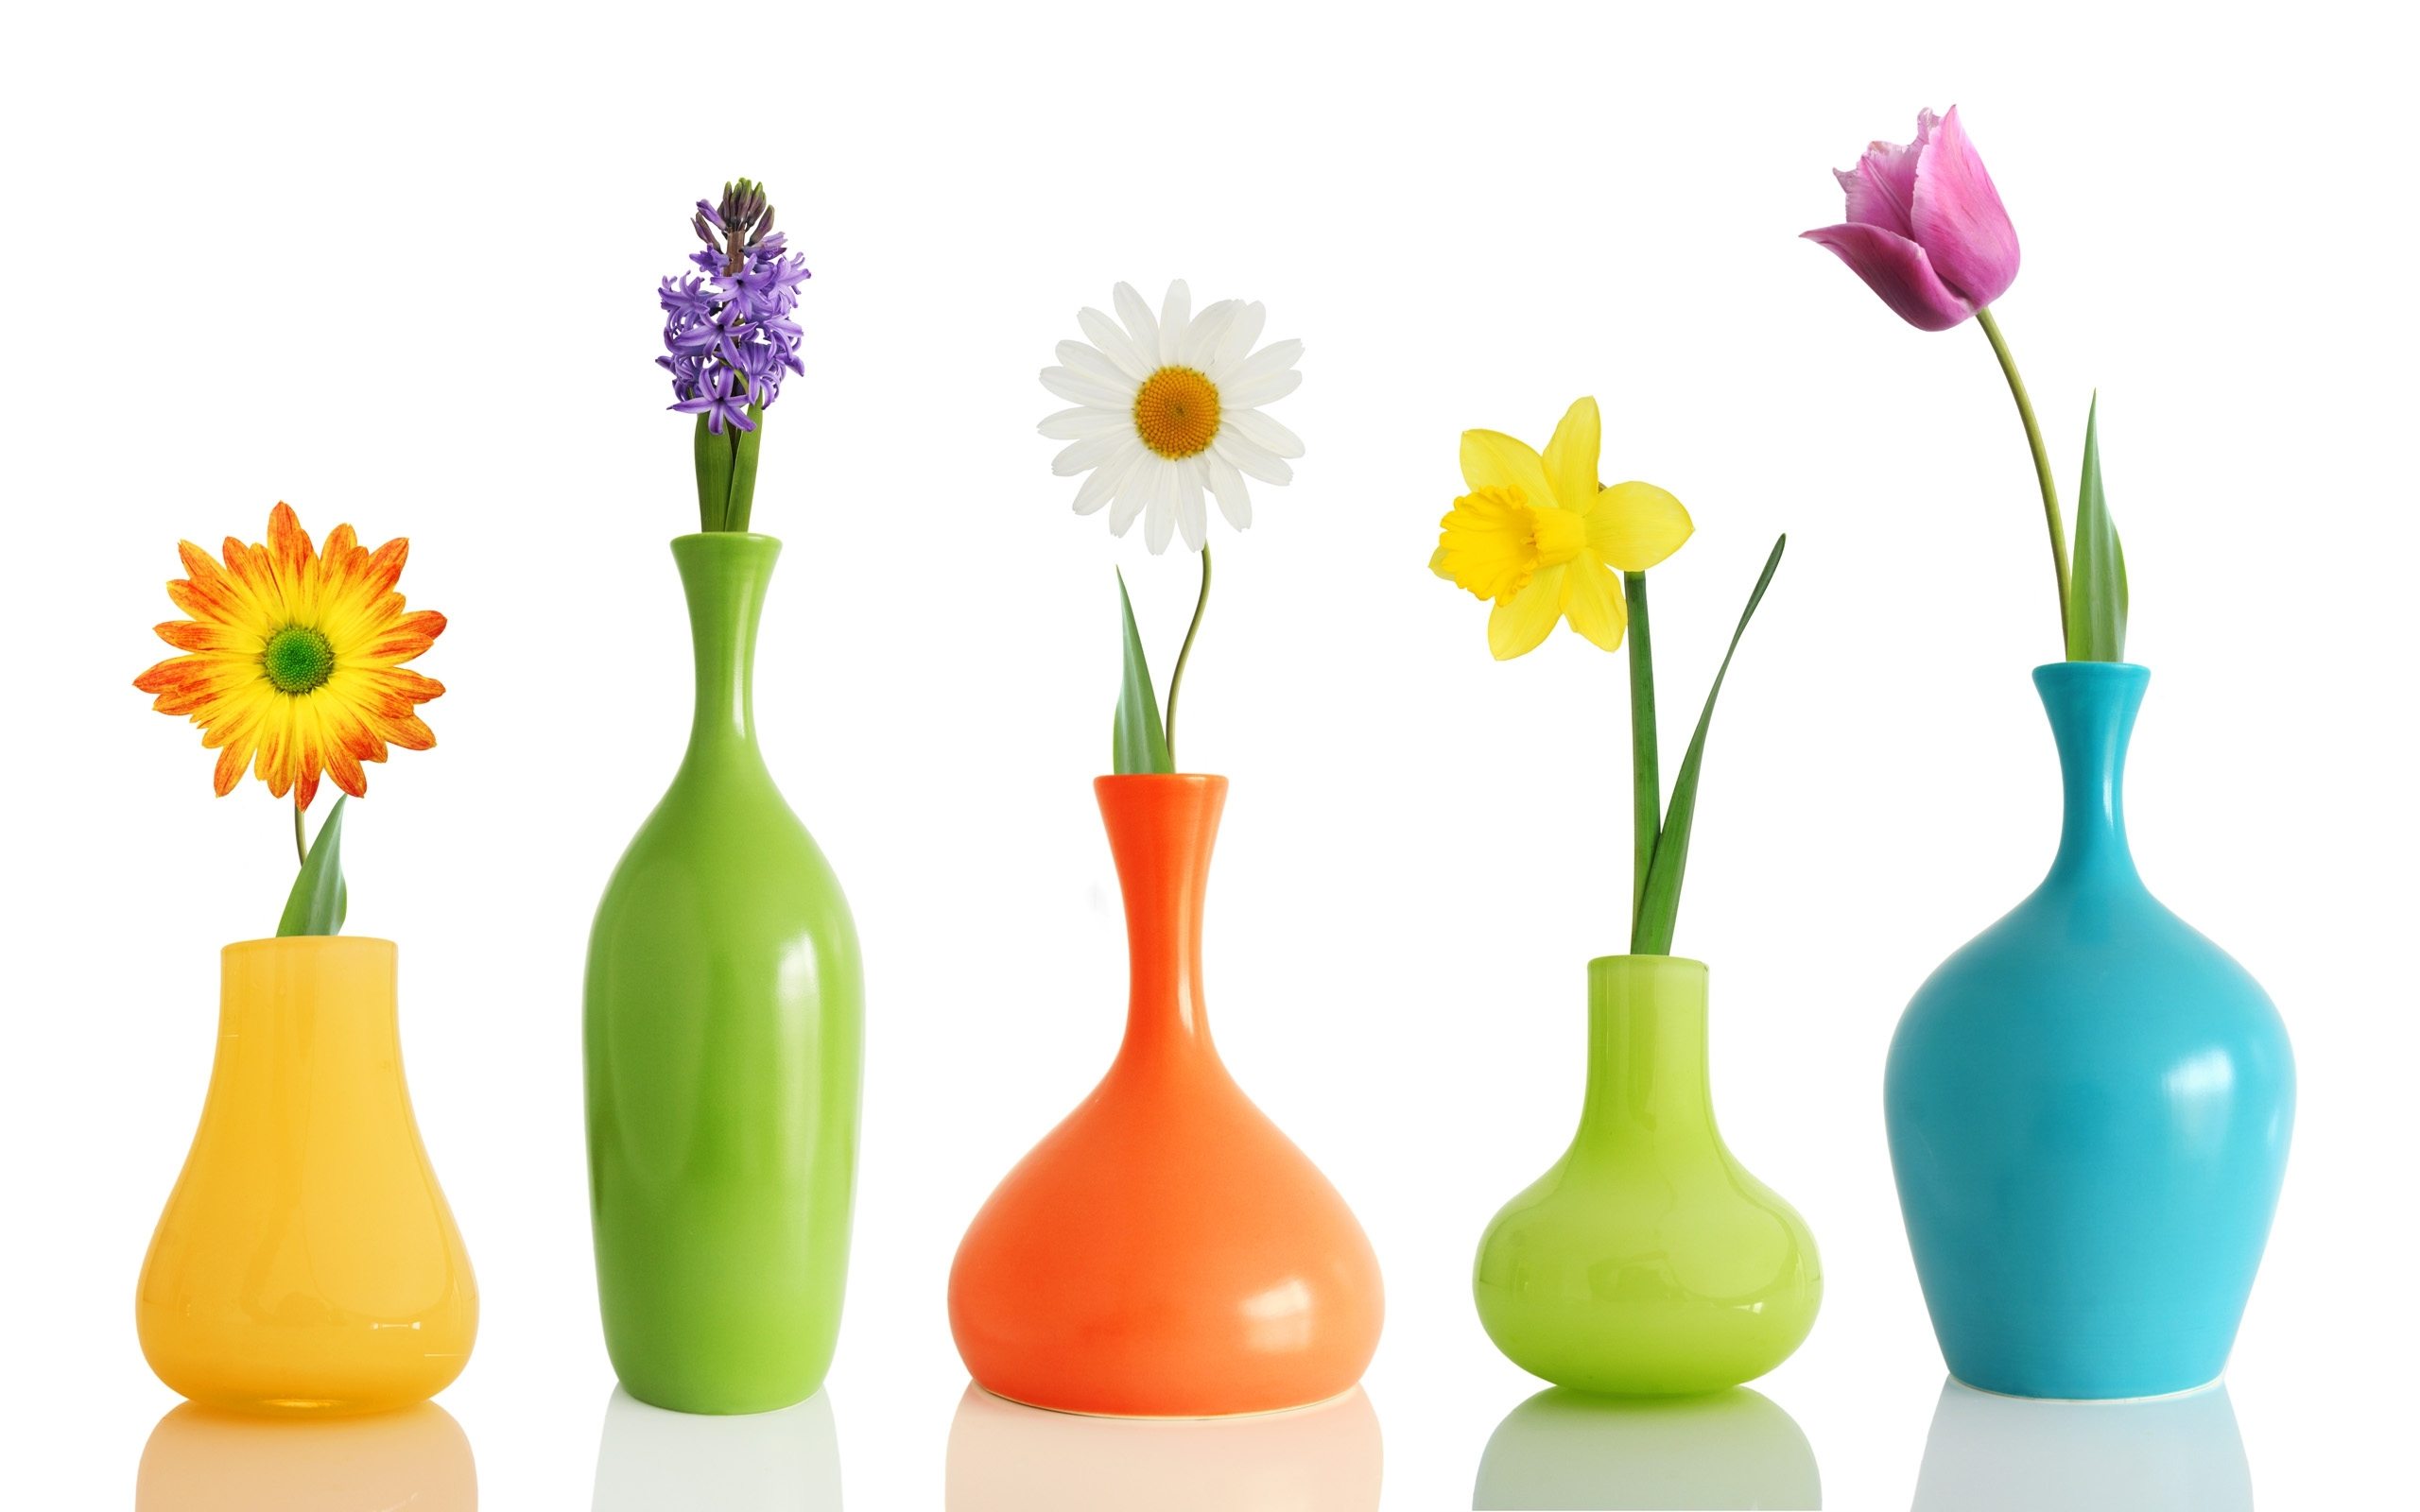 этот картинка три цветка в вазе что ячейки сетки